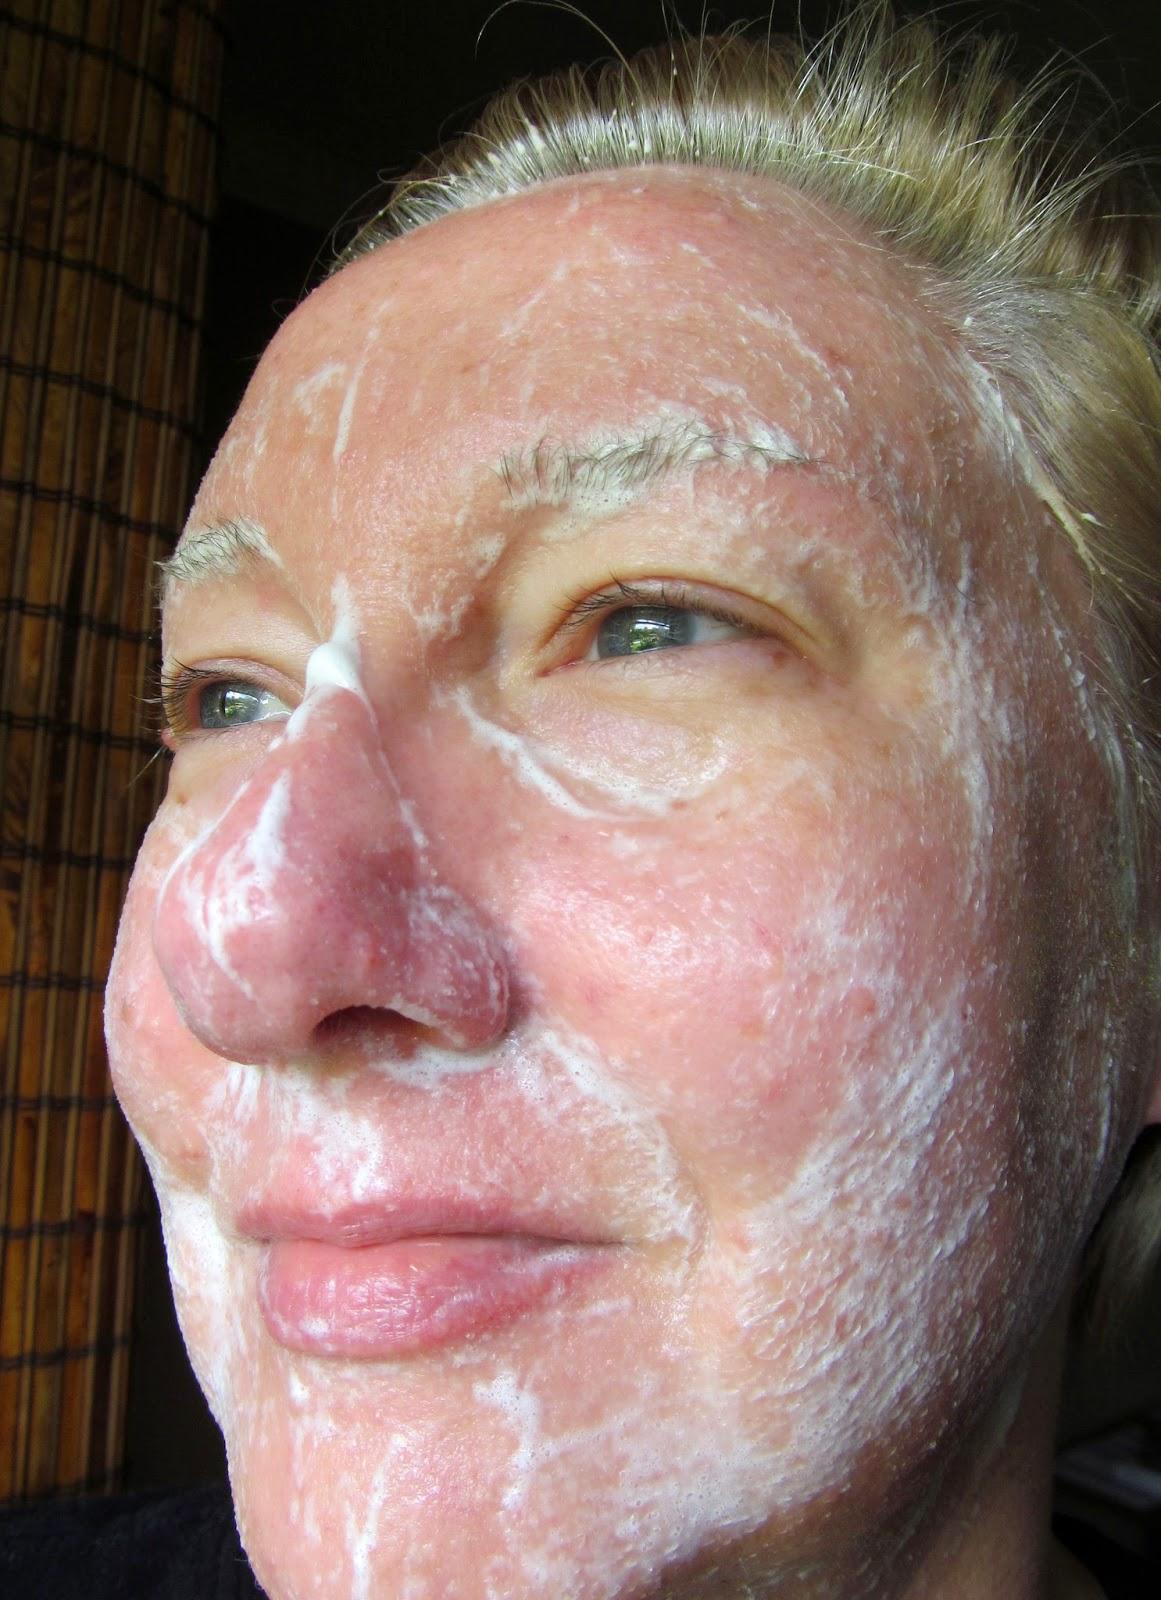 Boscia Smoothing Facial Polish 68